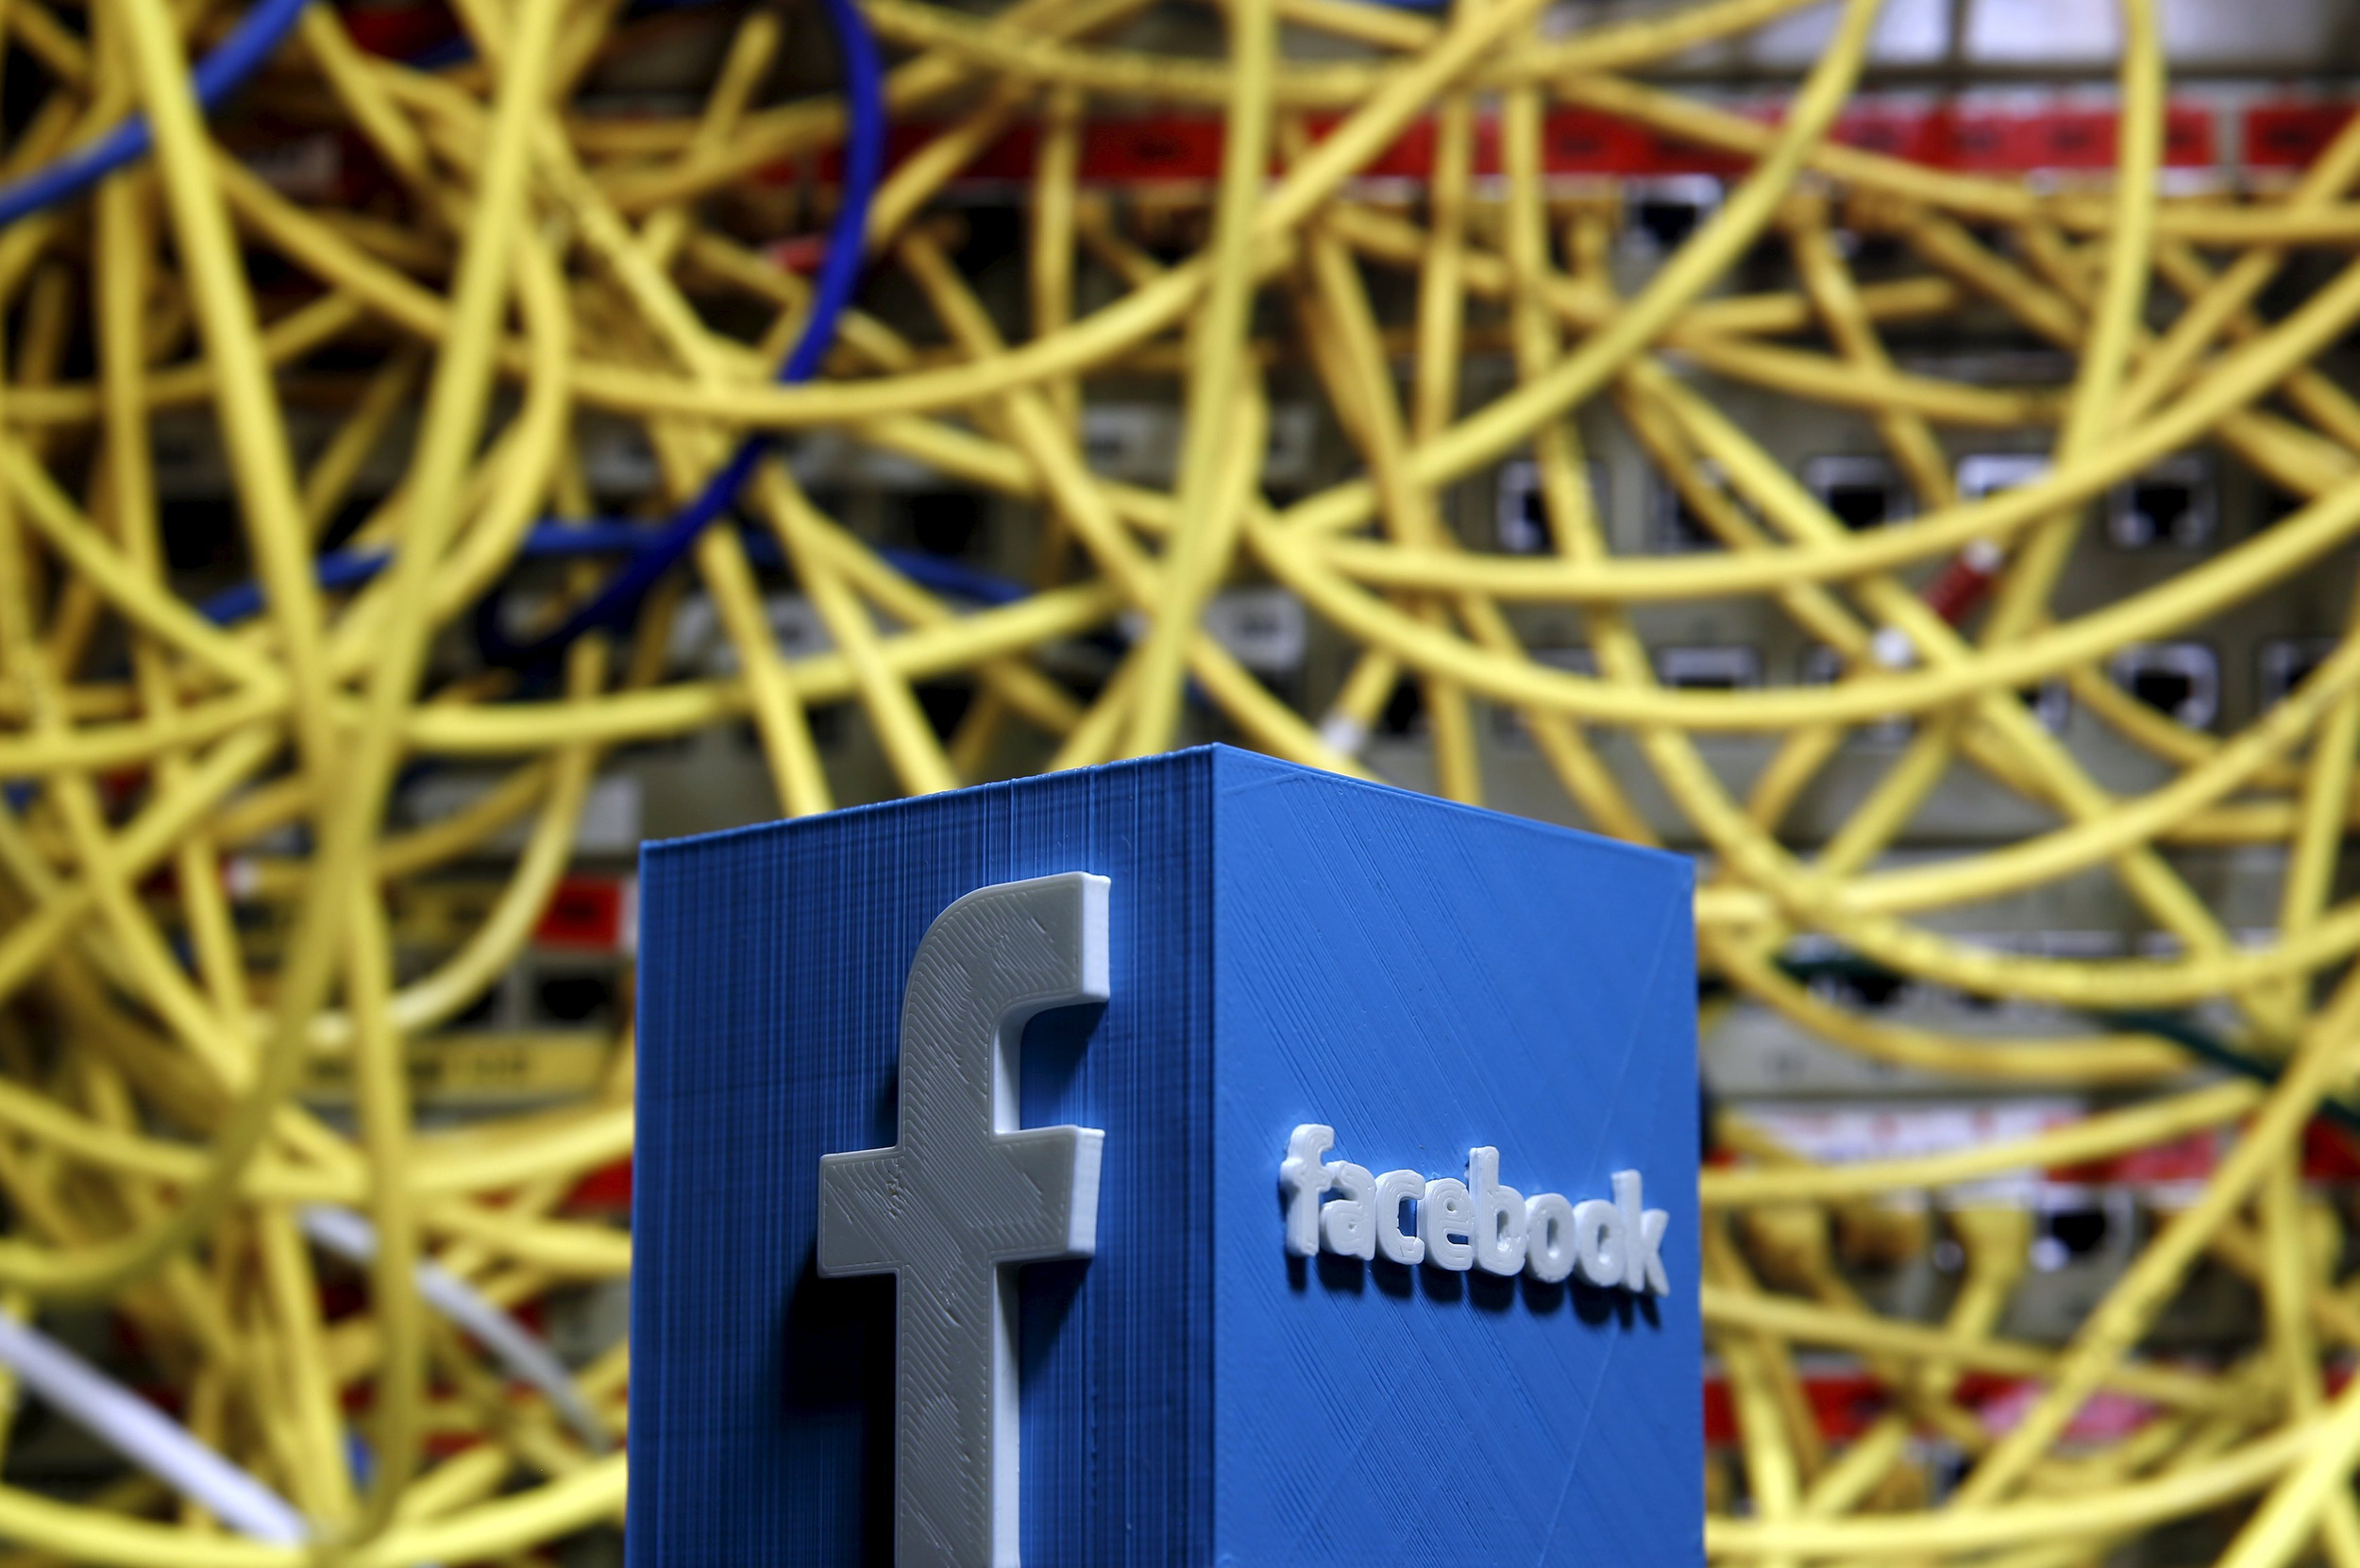 Facebook's Free Internet Plan